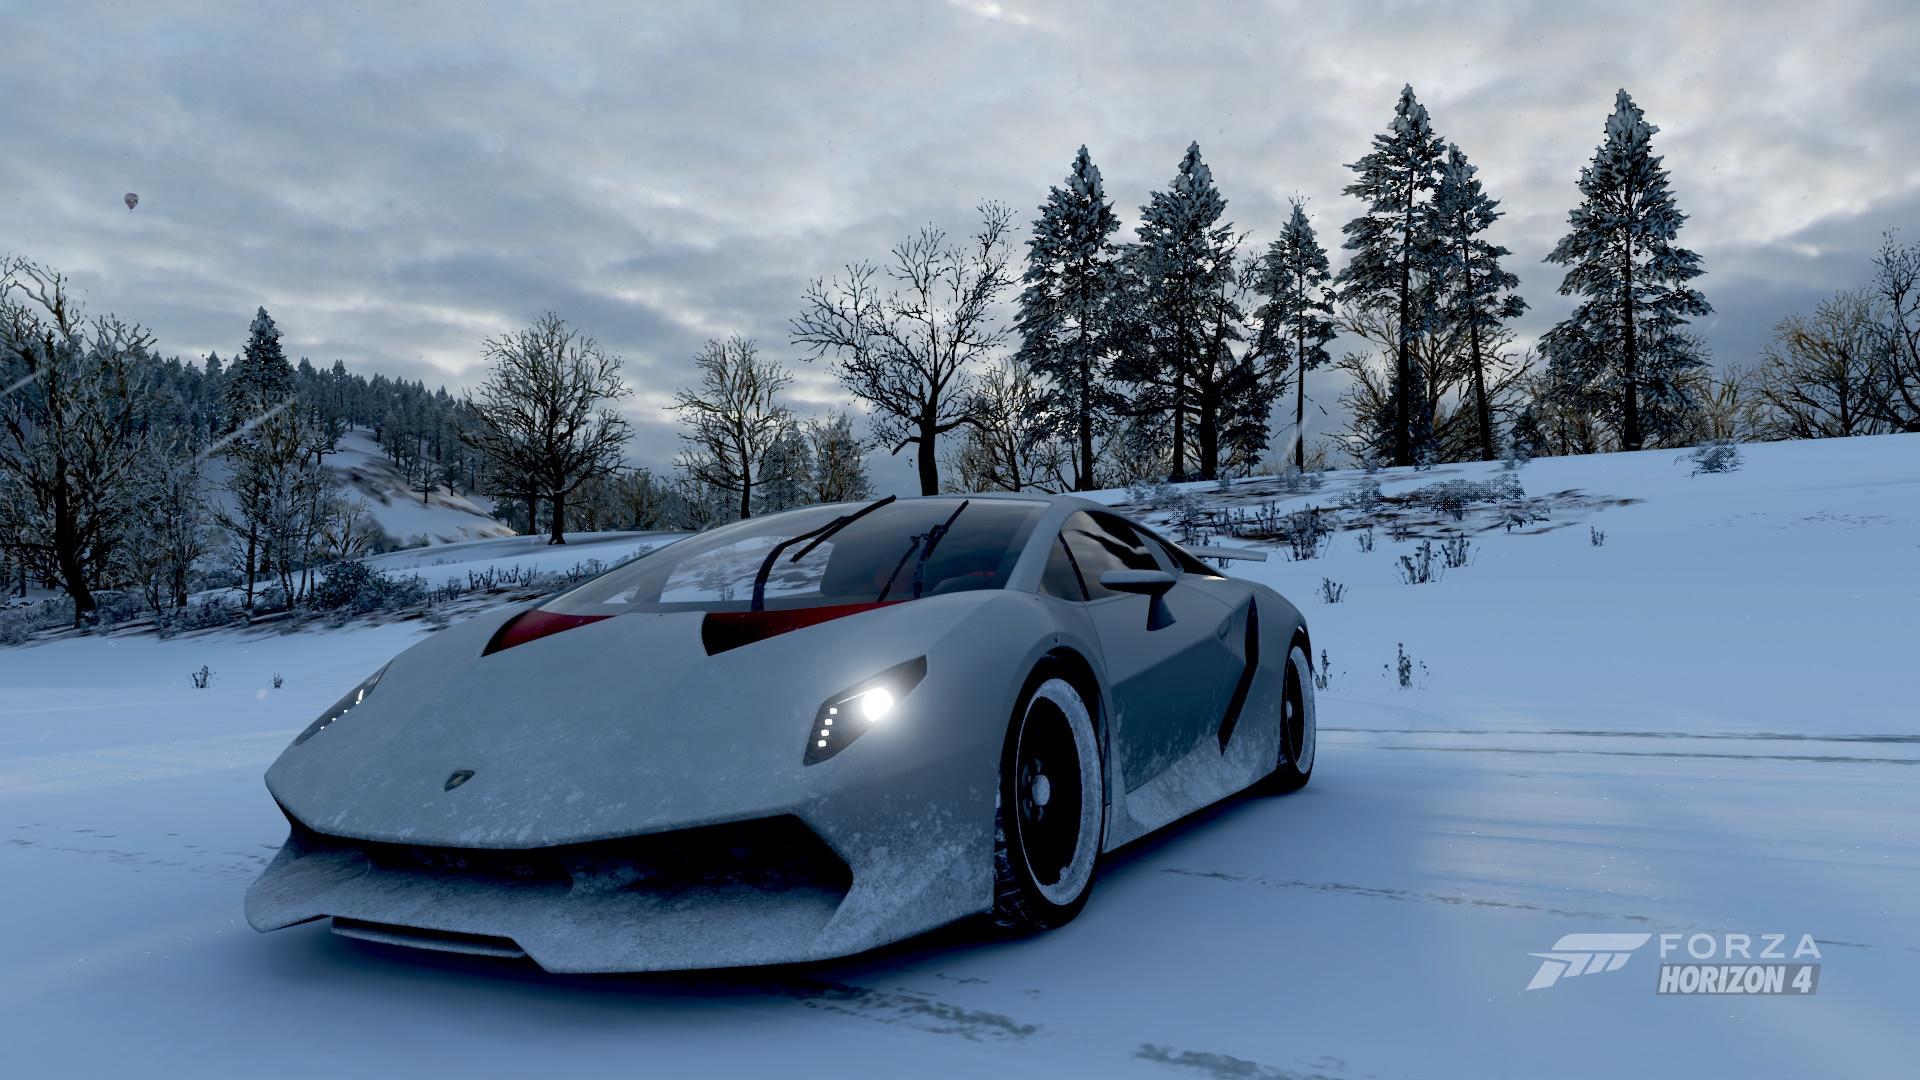 Wallpaper Lamborghini Sesto Elemento Forza Horizon 4 Winter